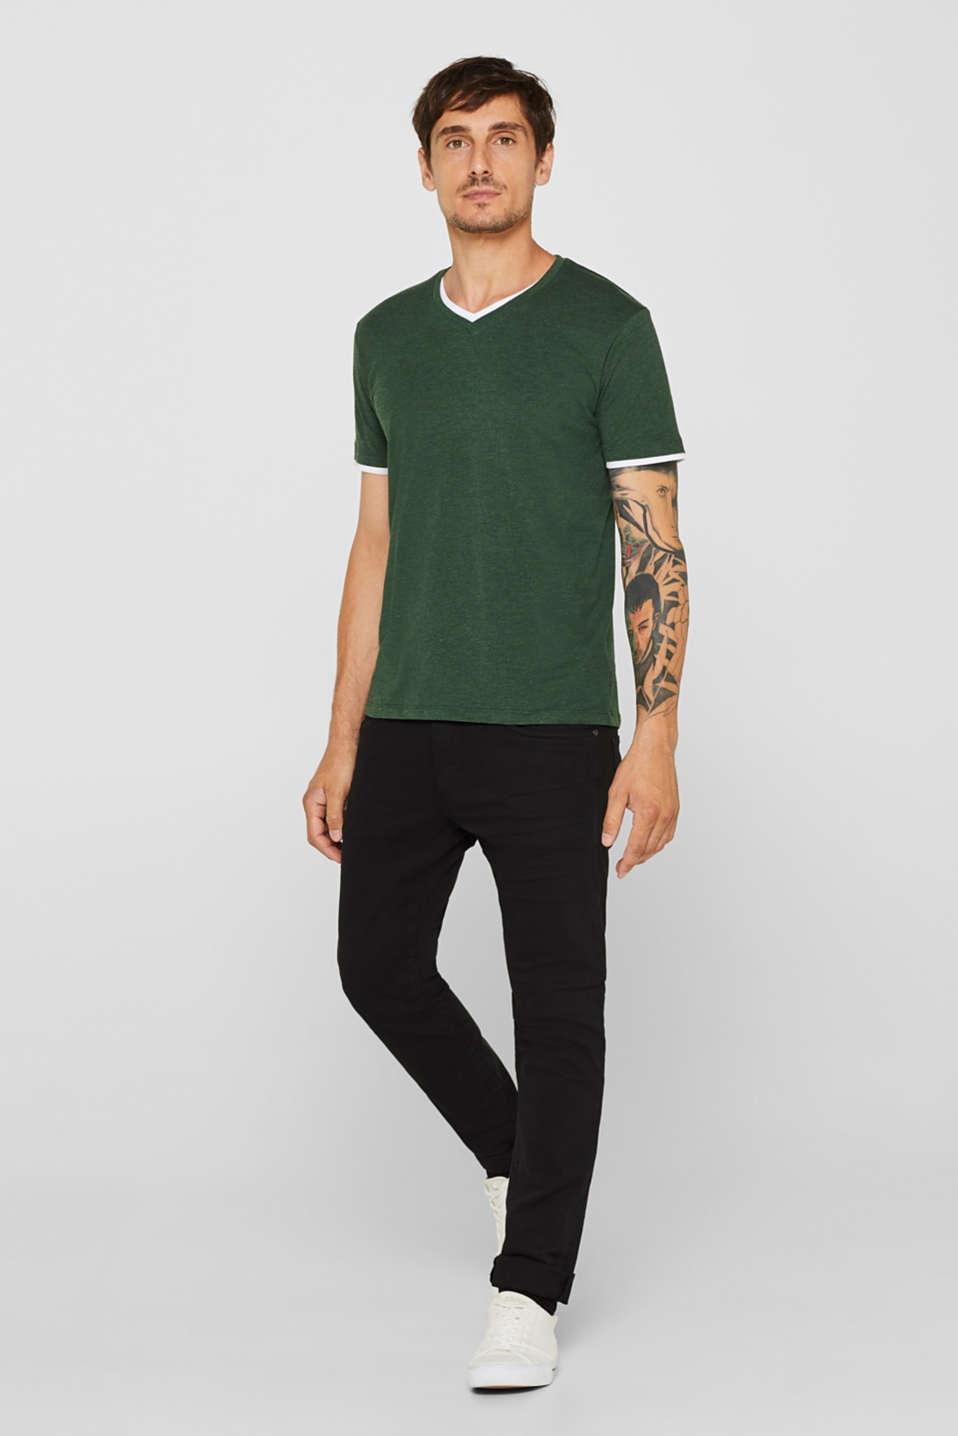 Layered jersey T-shirt, KHAKI GREEN, detail image number 2